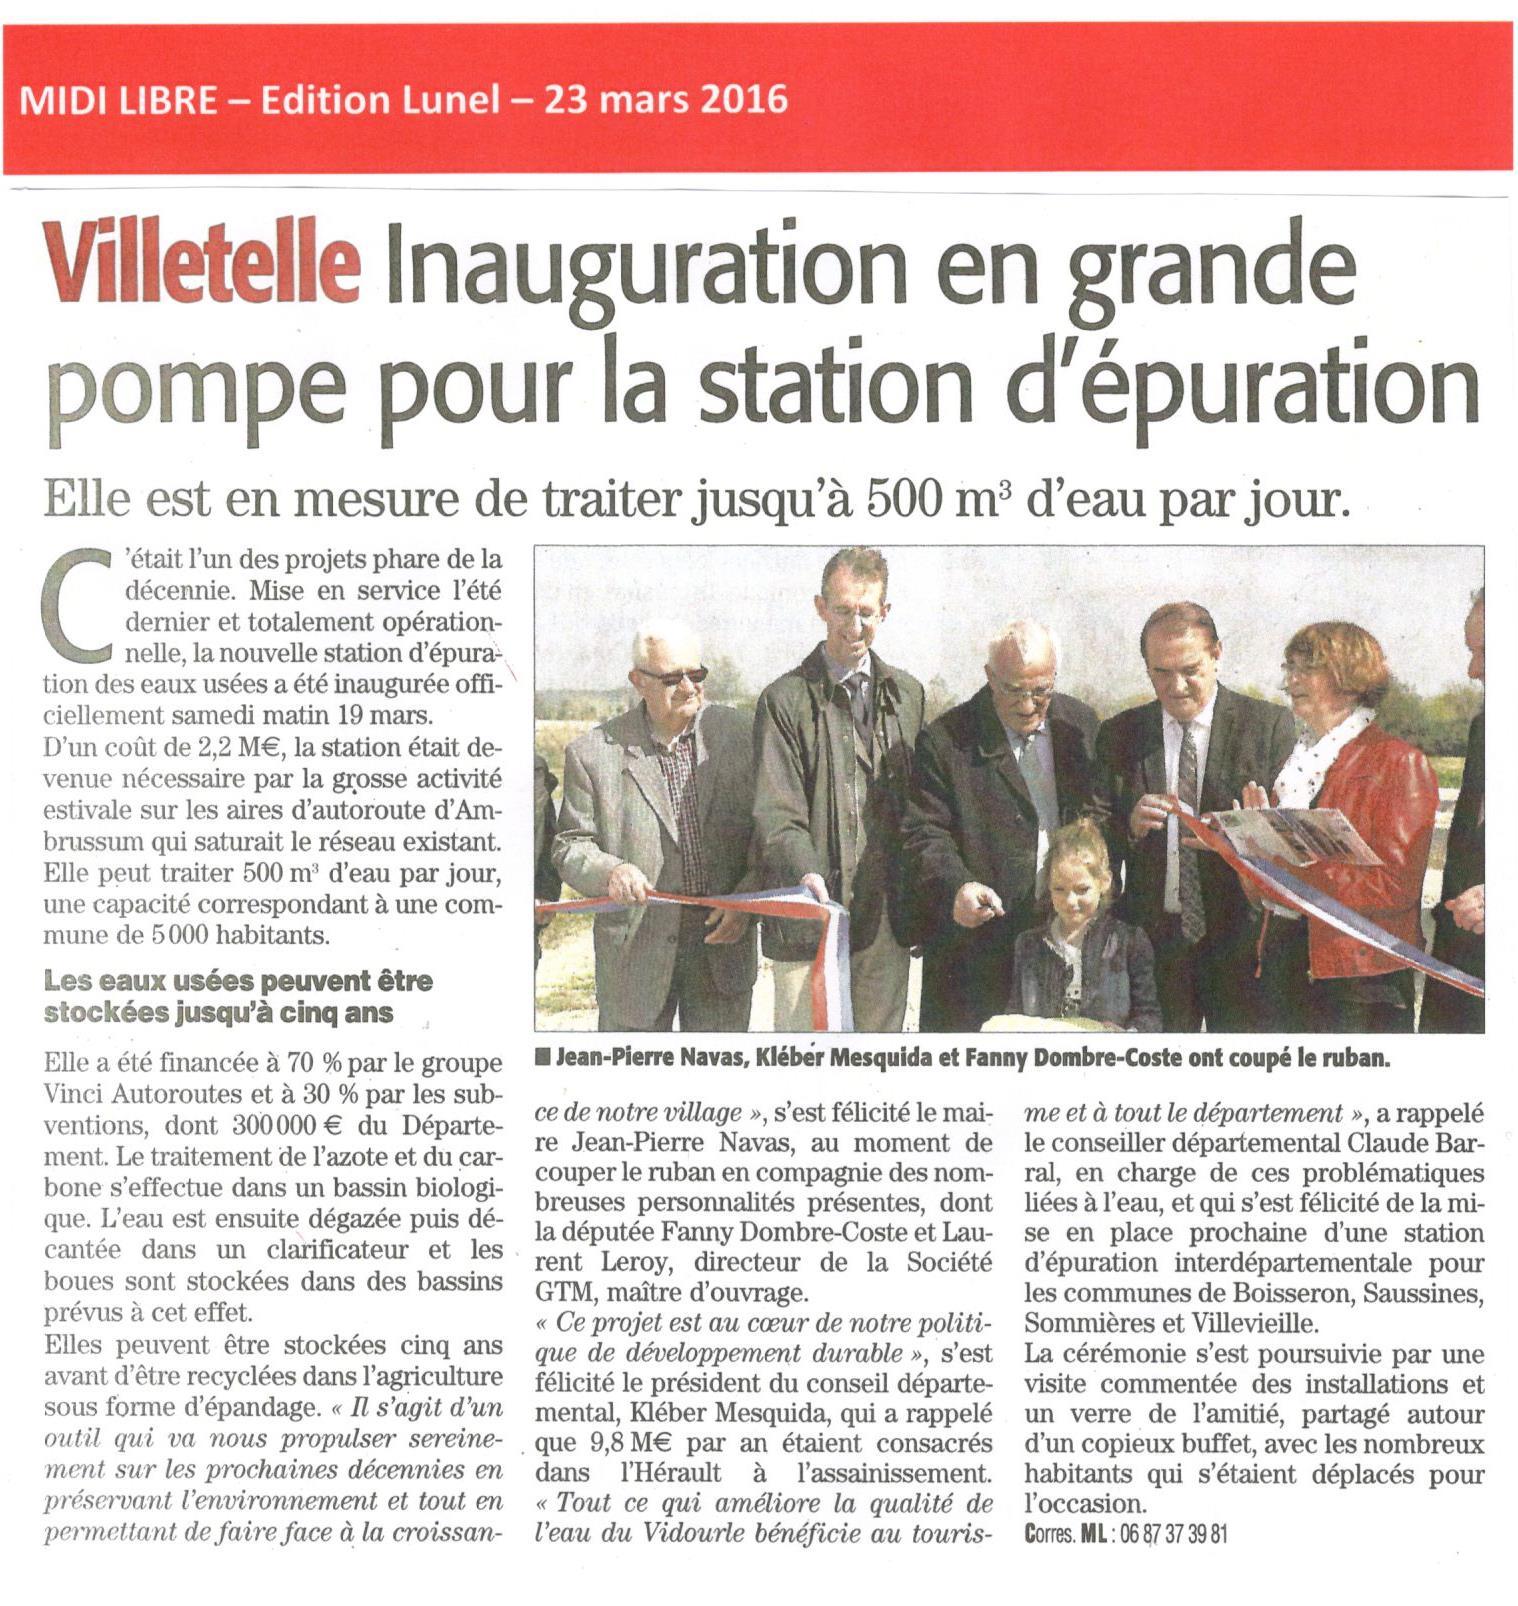 Villetelle – Inauguration de la station d'épuration